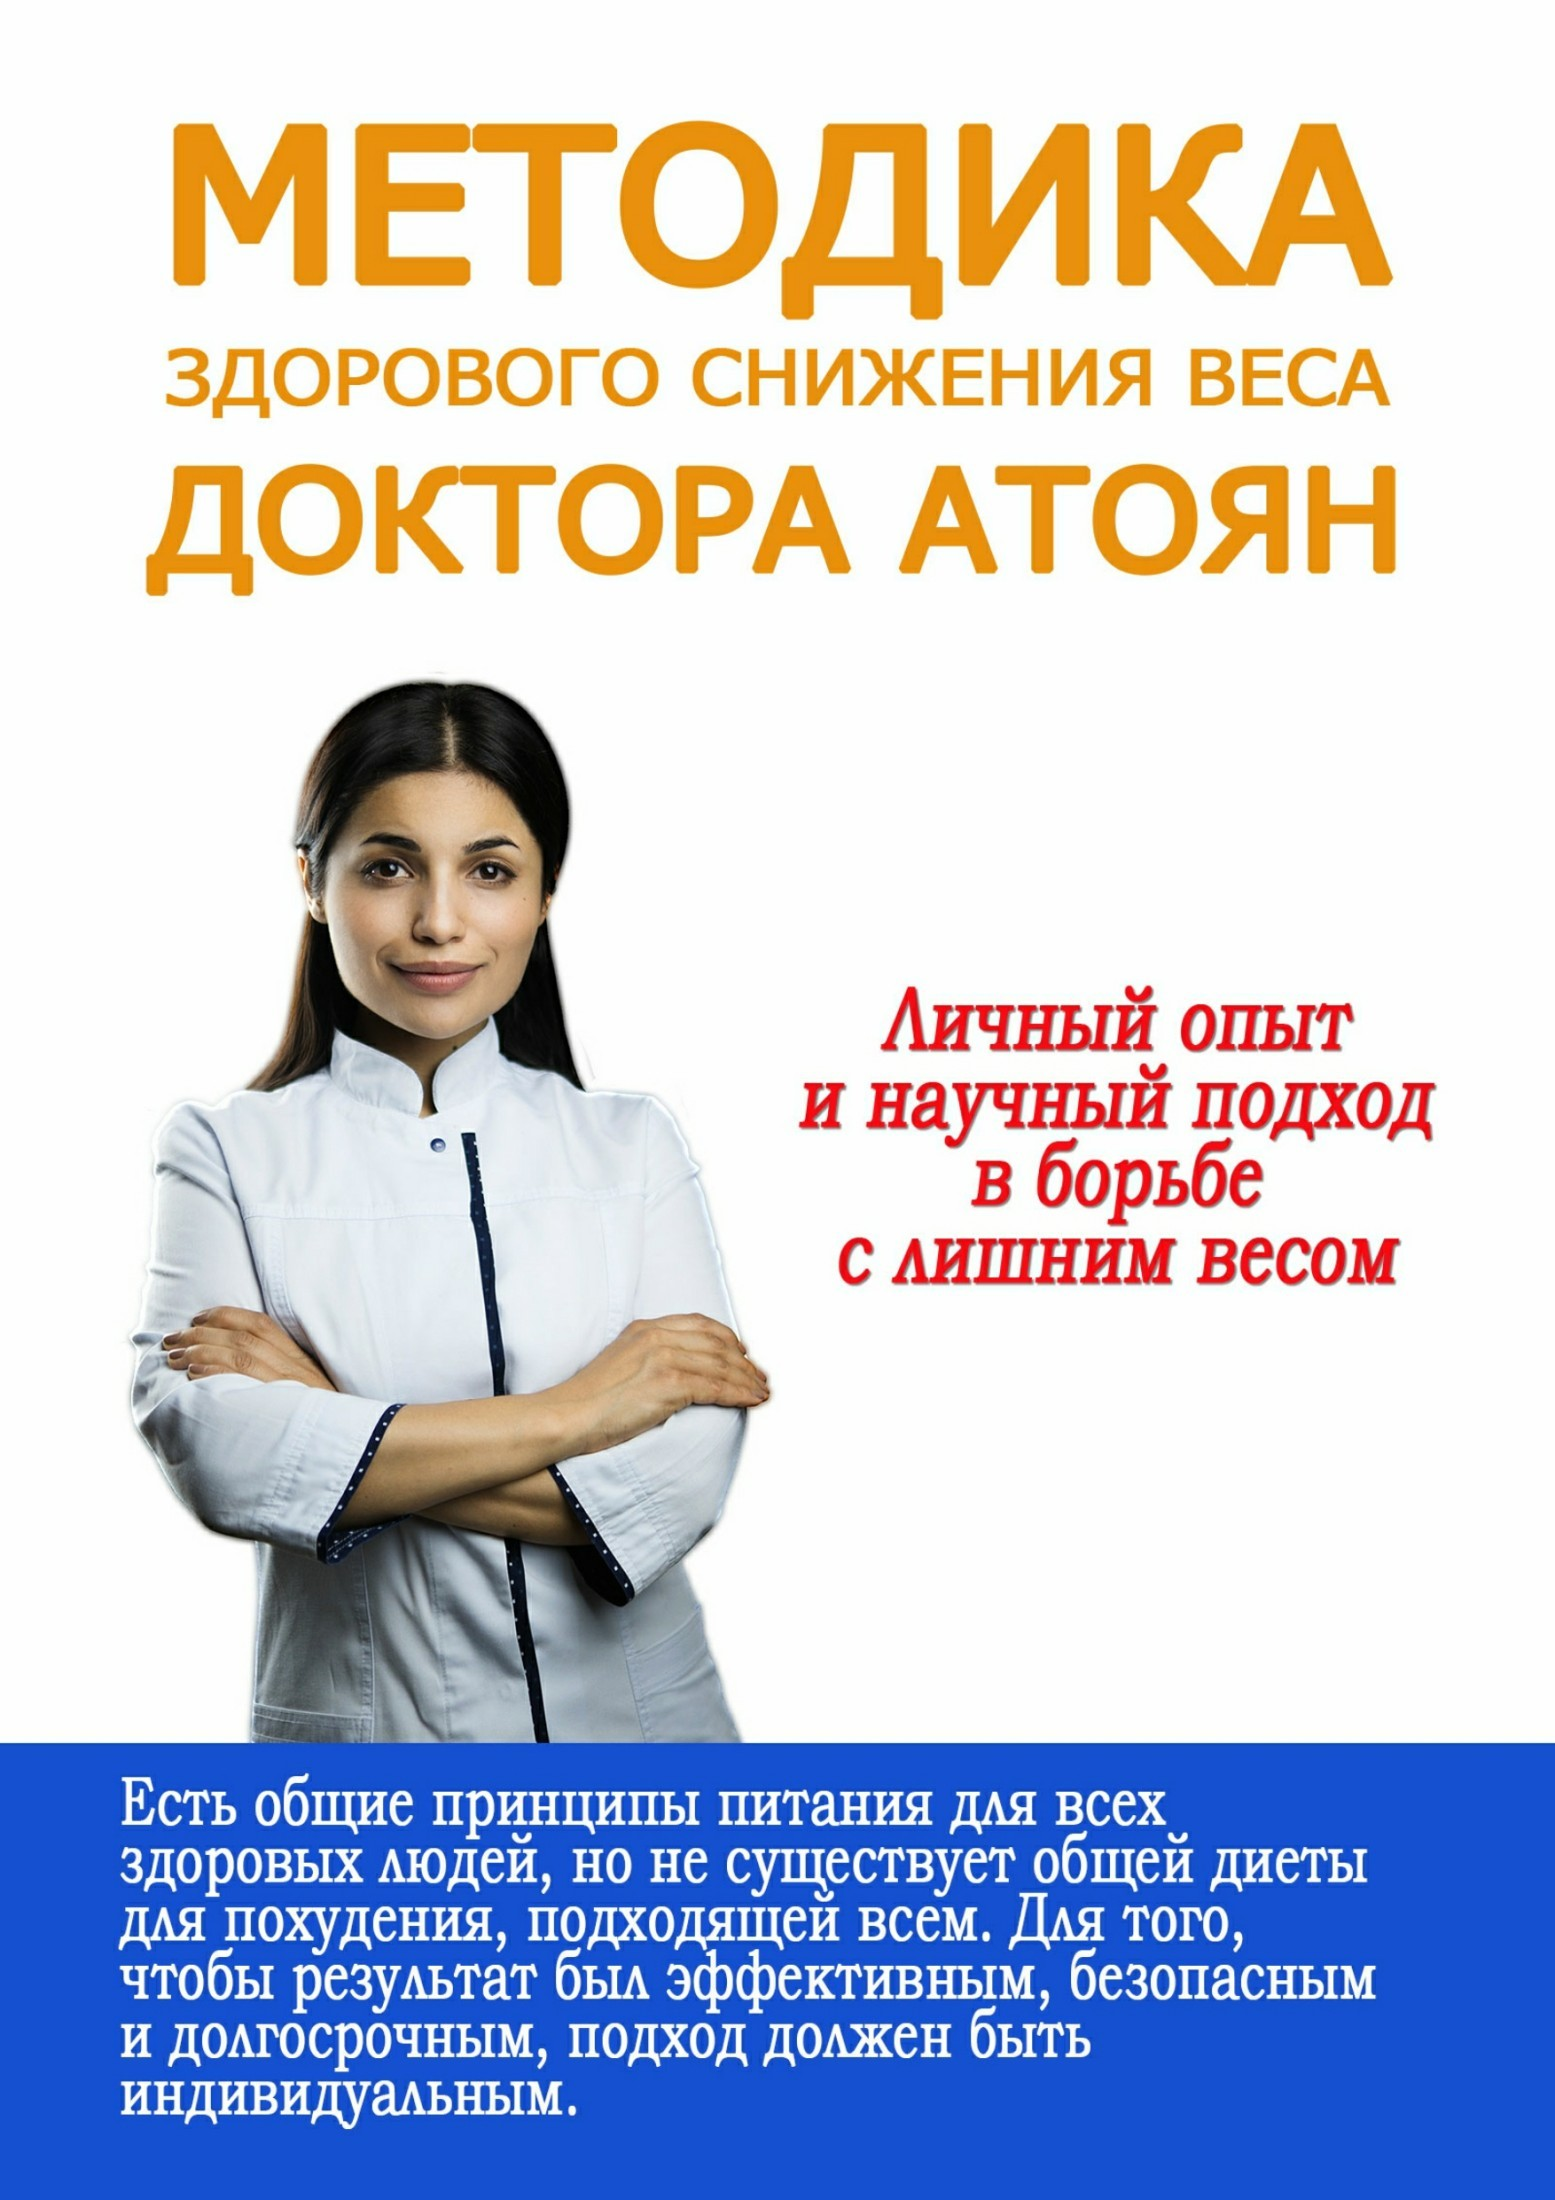 Юля Атоян Методика здорового снижения веса доктора Атоян amazing научный опыт 38825n космический робот